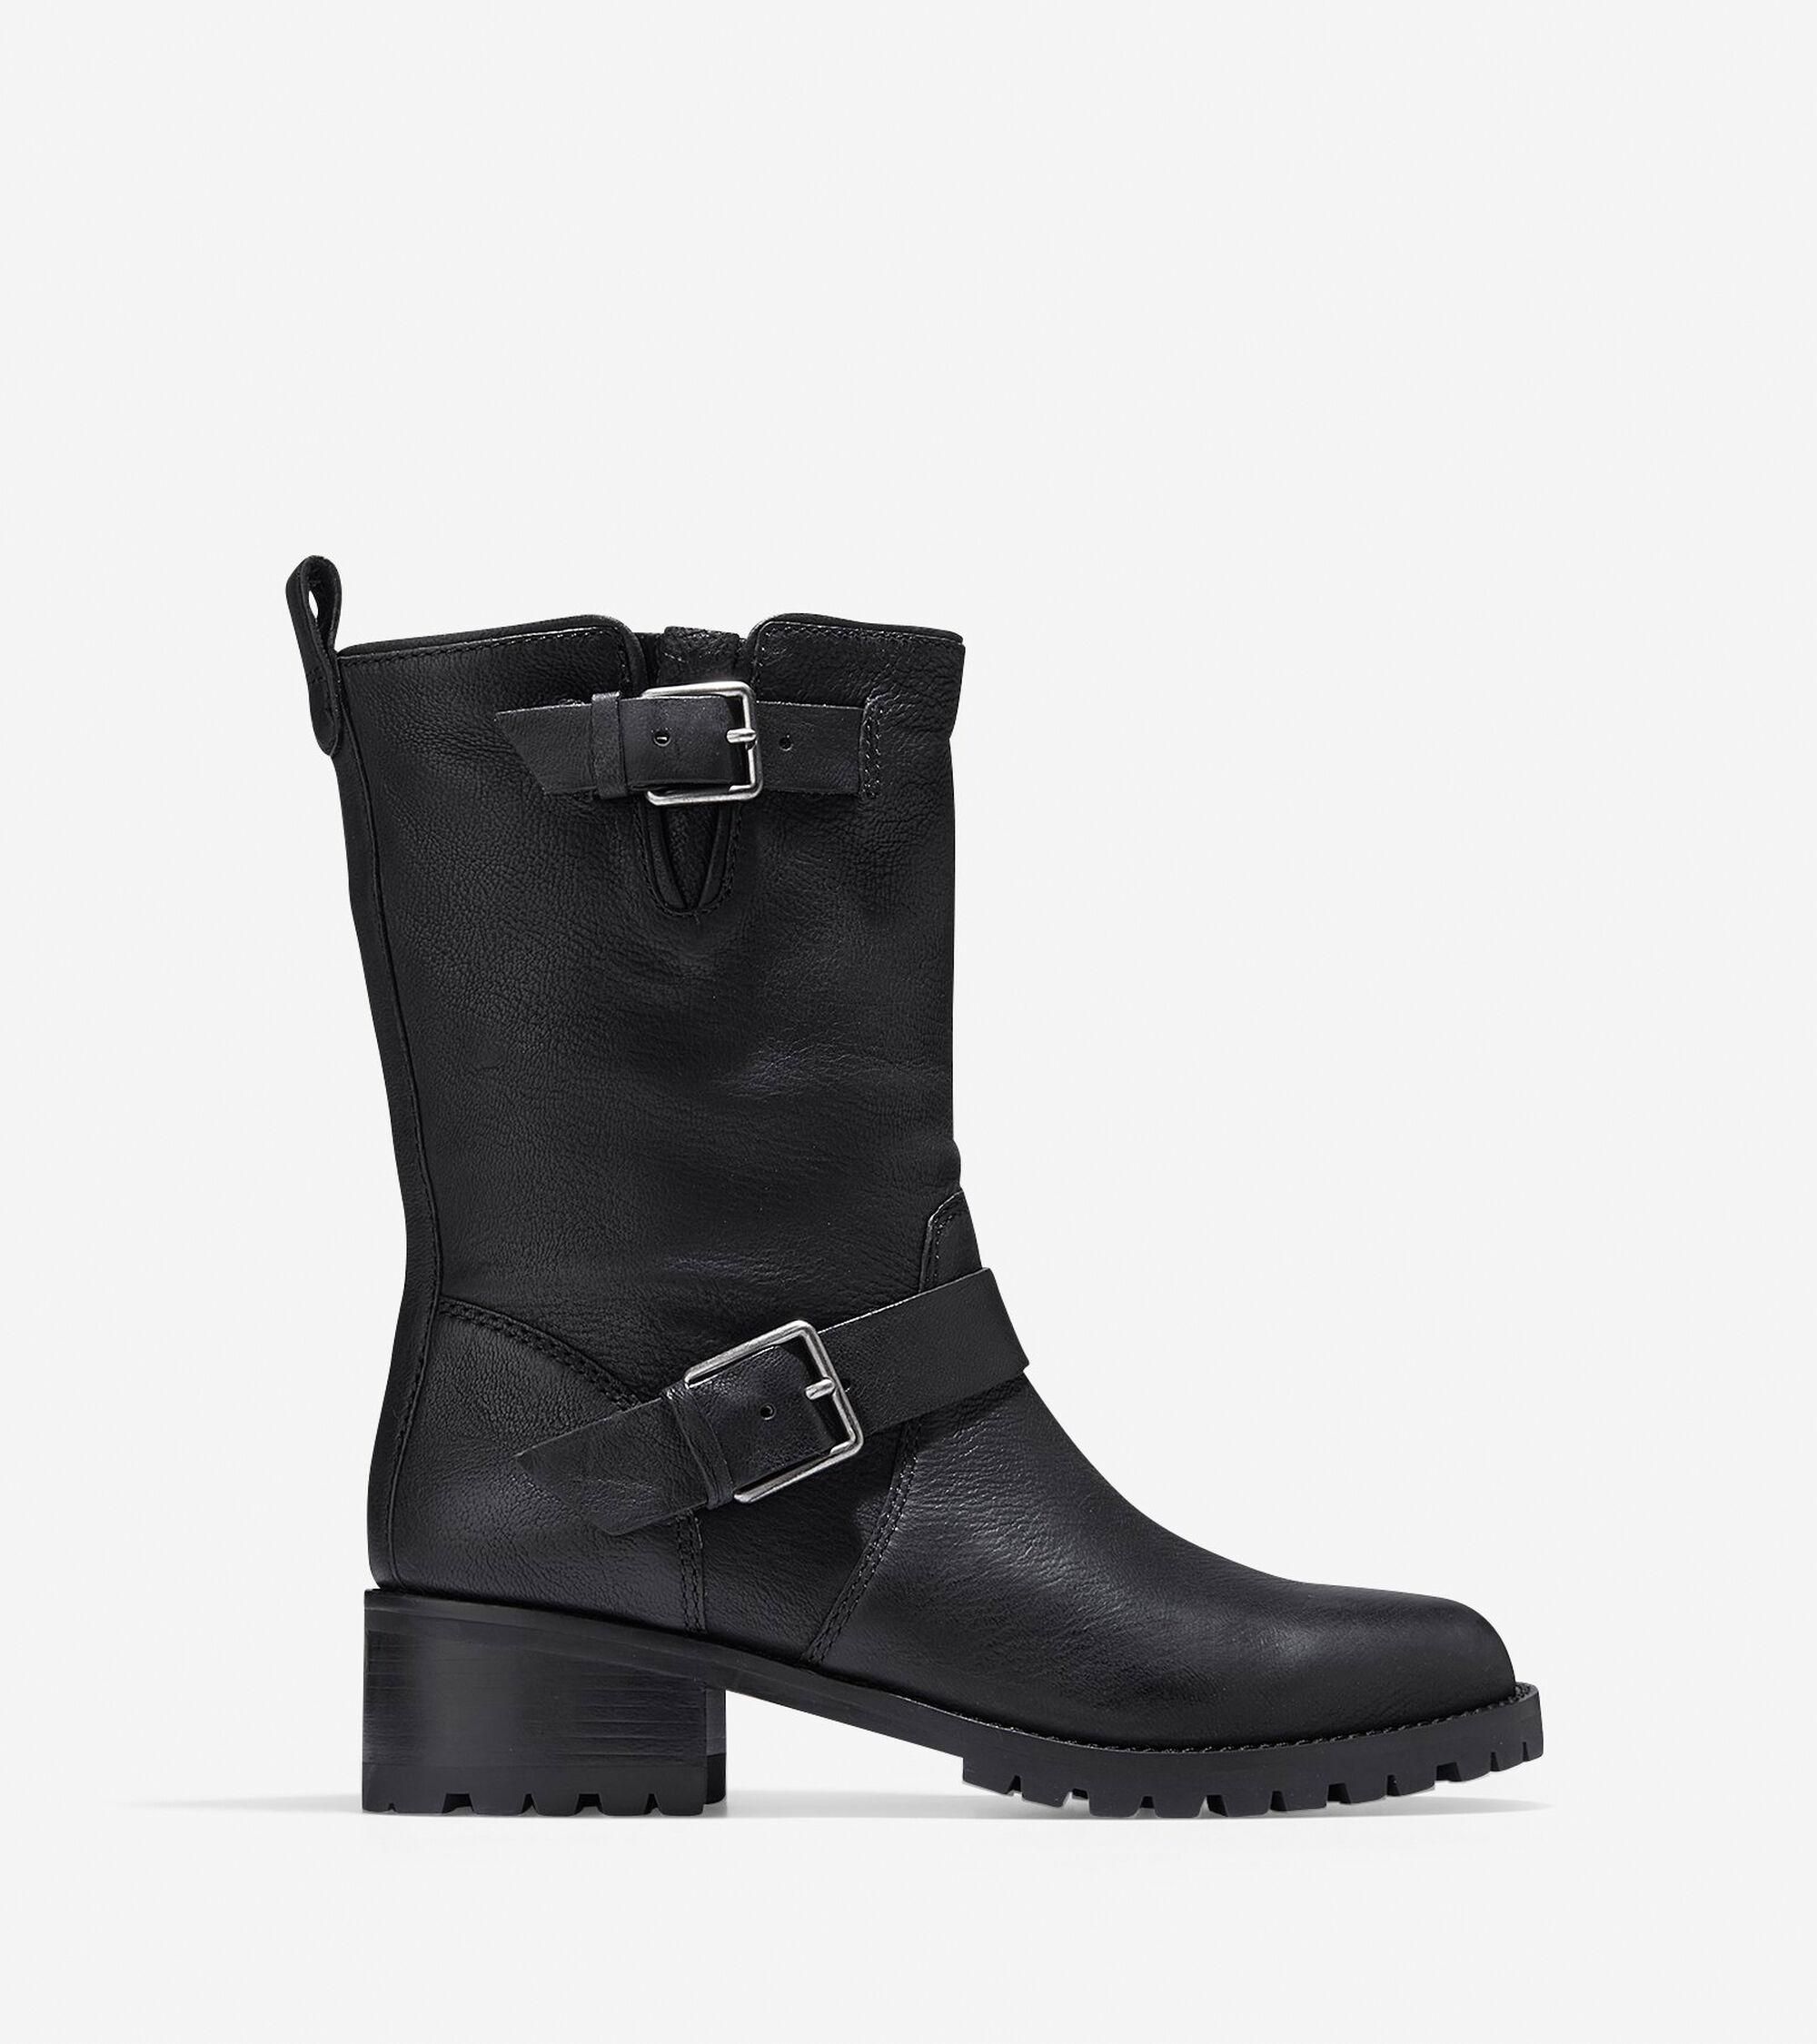 Cole Haan Womens Hemlock Boot (45mm)